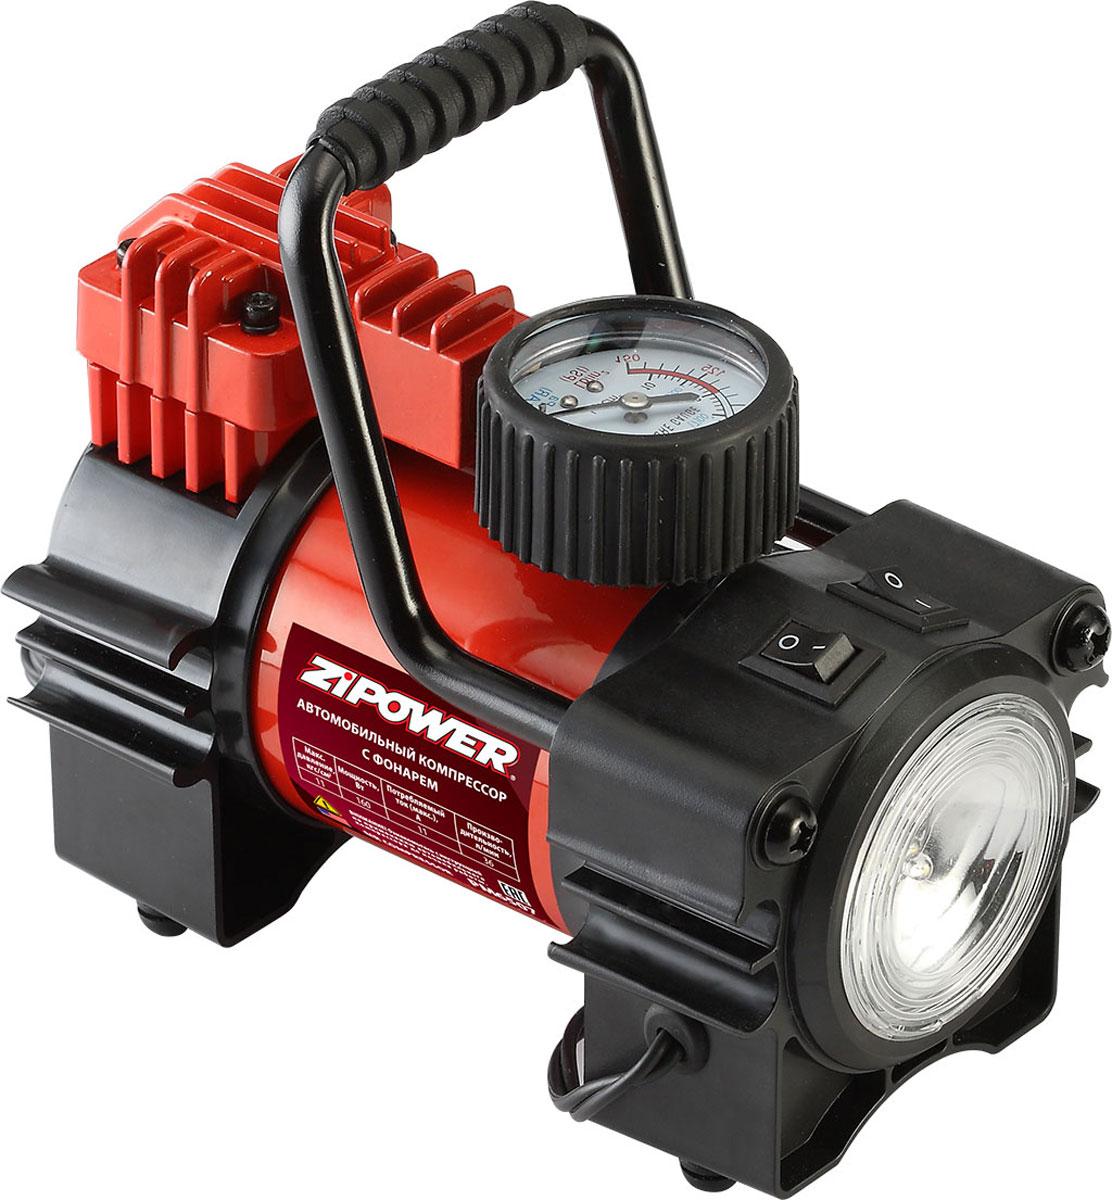 Компрессор автомобильный Zipower. PM 6507PM 6507Автомобильный компрессор позволяет накачать колесо автомобиля или же проверить в нем давление. Работает от прикуривателя (12 В). Компрессор обладает высокой производительностью, что позволяет быстро накачать колесо. Широкаякомплектация позволяет накачать различные надувные изделия и запитать компрессор от аккумулятора. Встроенный фонарь позволяет производить работы в темное время суток.Напряжение: 12 В. Мощность: 160 Вт. Максимальное давление: 11 атм.Производительность: 36 л/мин.Длина шланга - 125 см. Зажимы для питания от АКБ в комплект не входят.